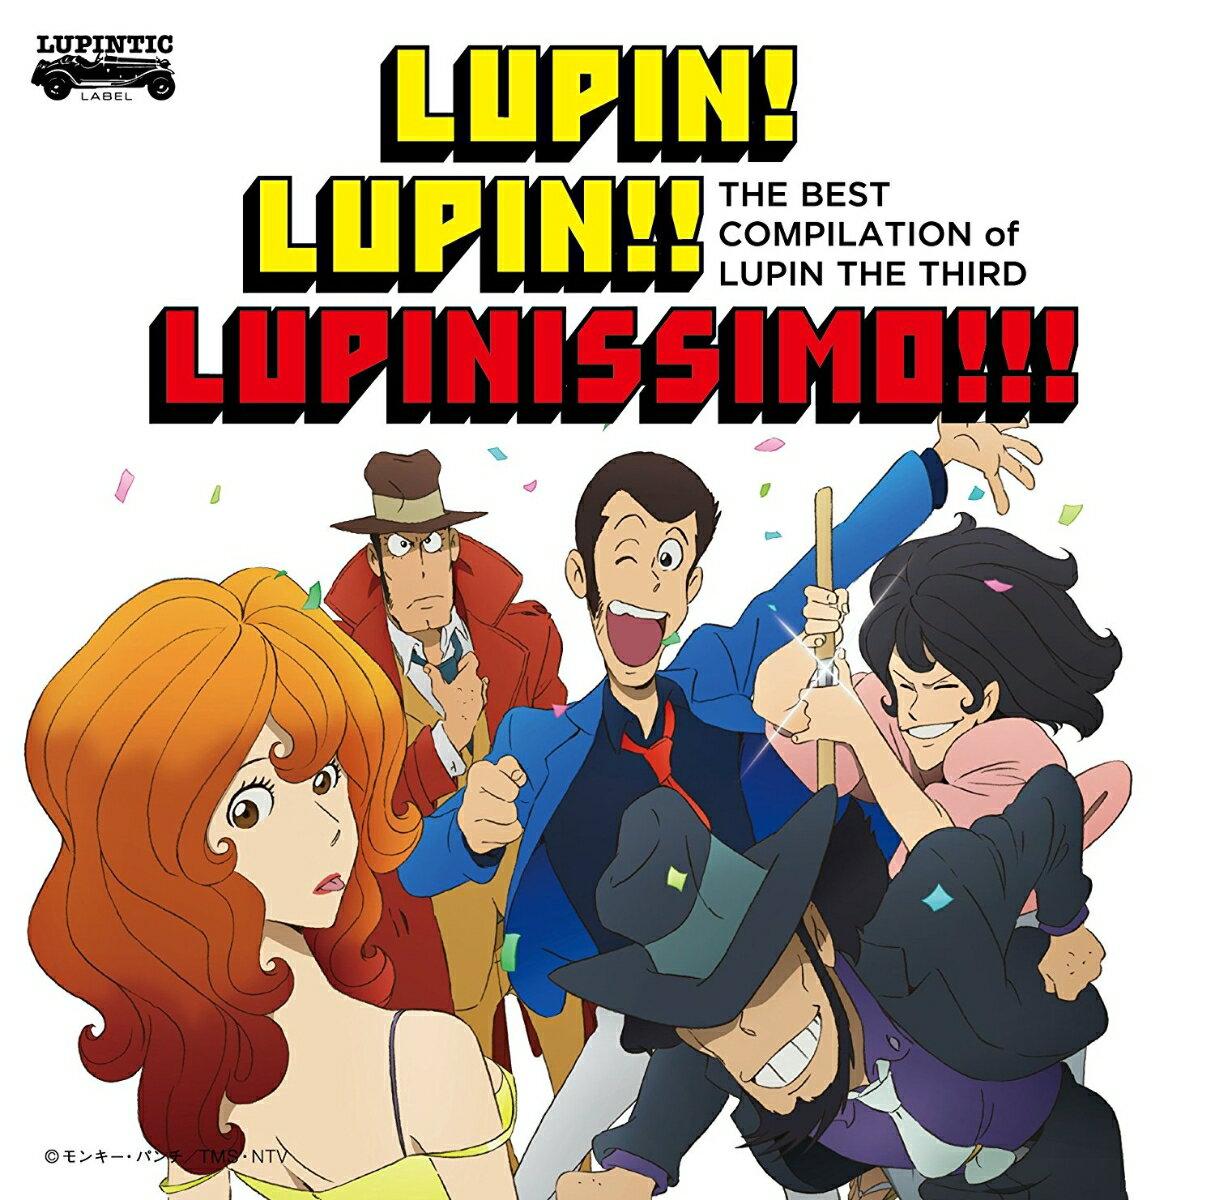 〜「ルパン三世のテーマ」誕生40周年記念作品〜 THE BEST COMPILATION of LUPIN THE THIRD 『LUPIN! LUPIN!! LUPINISSIMO!!!』 (限定盤 CD+DVD) [ 大野雄二 ]